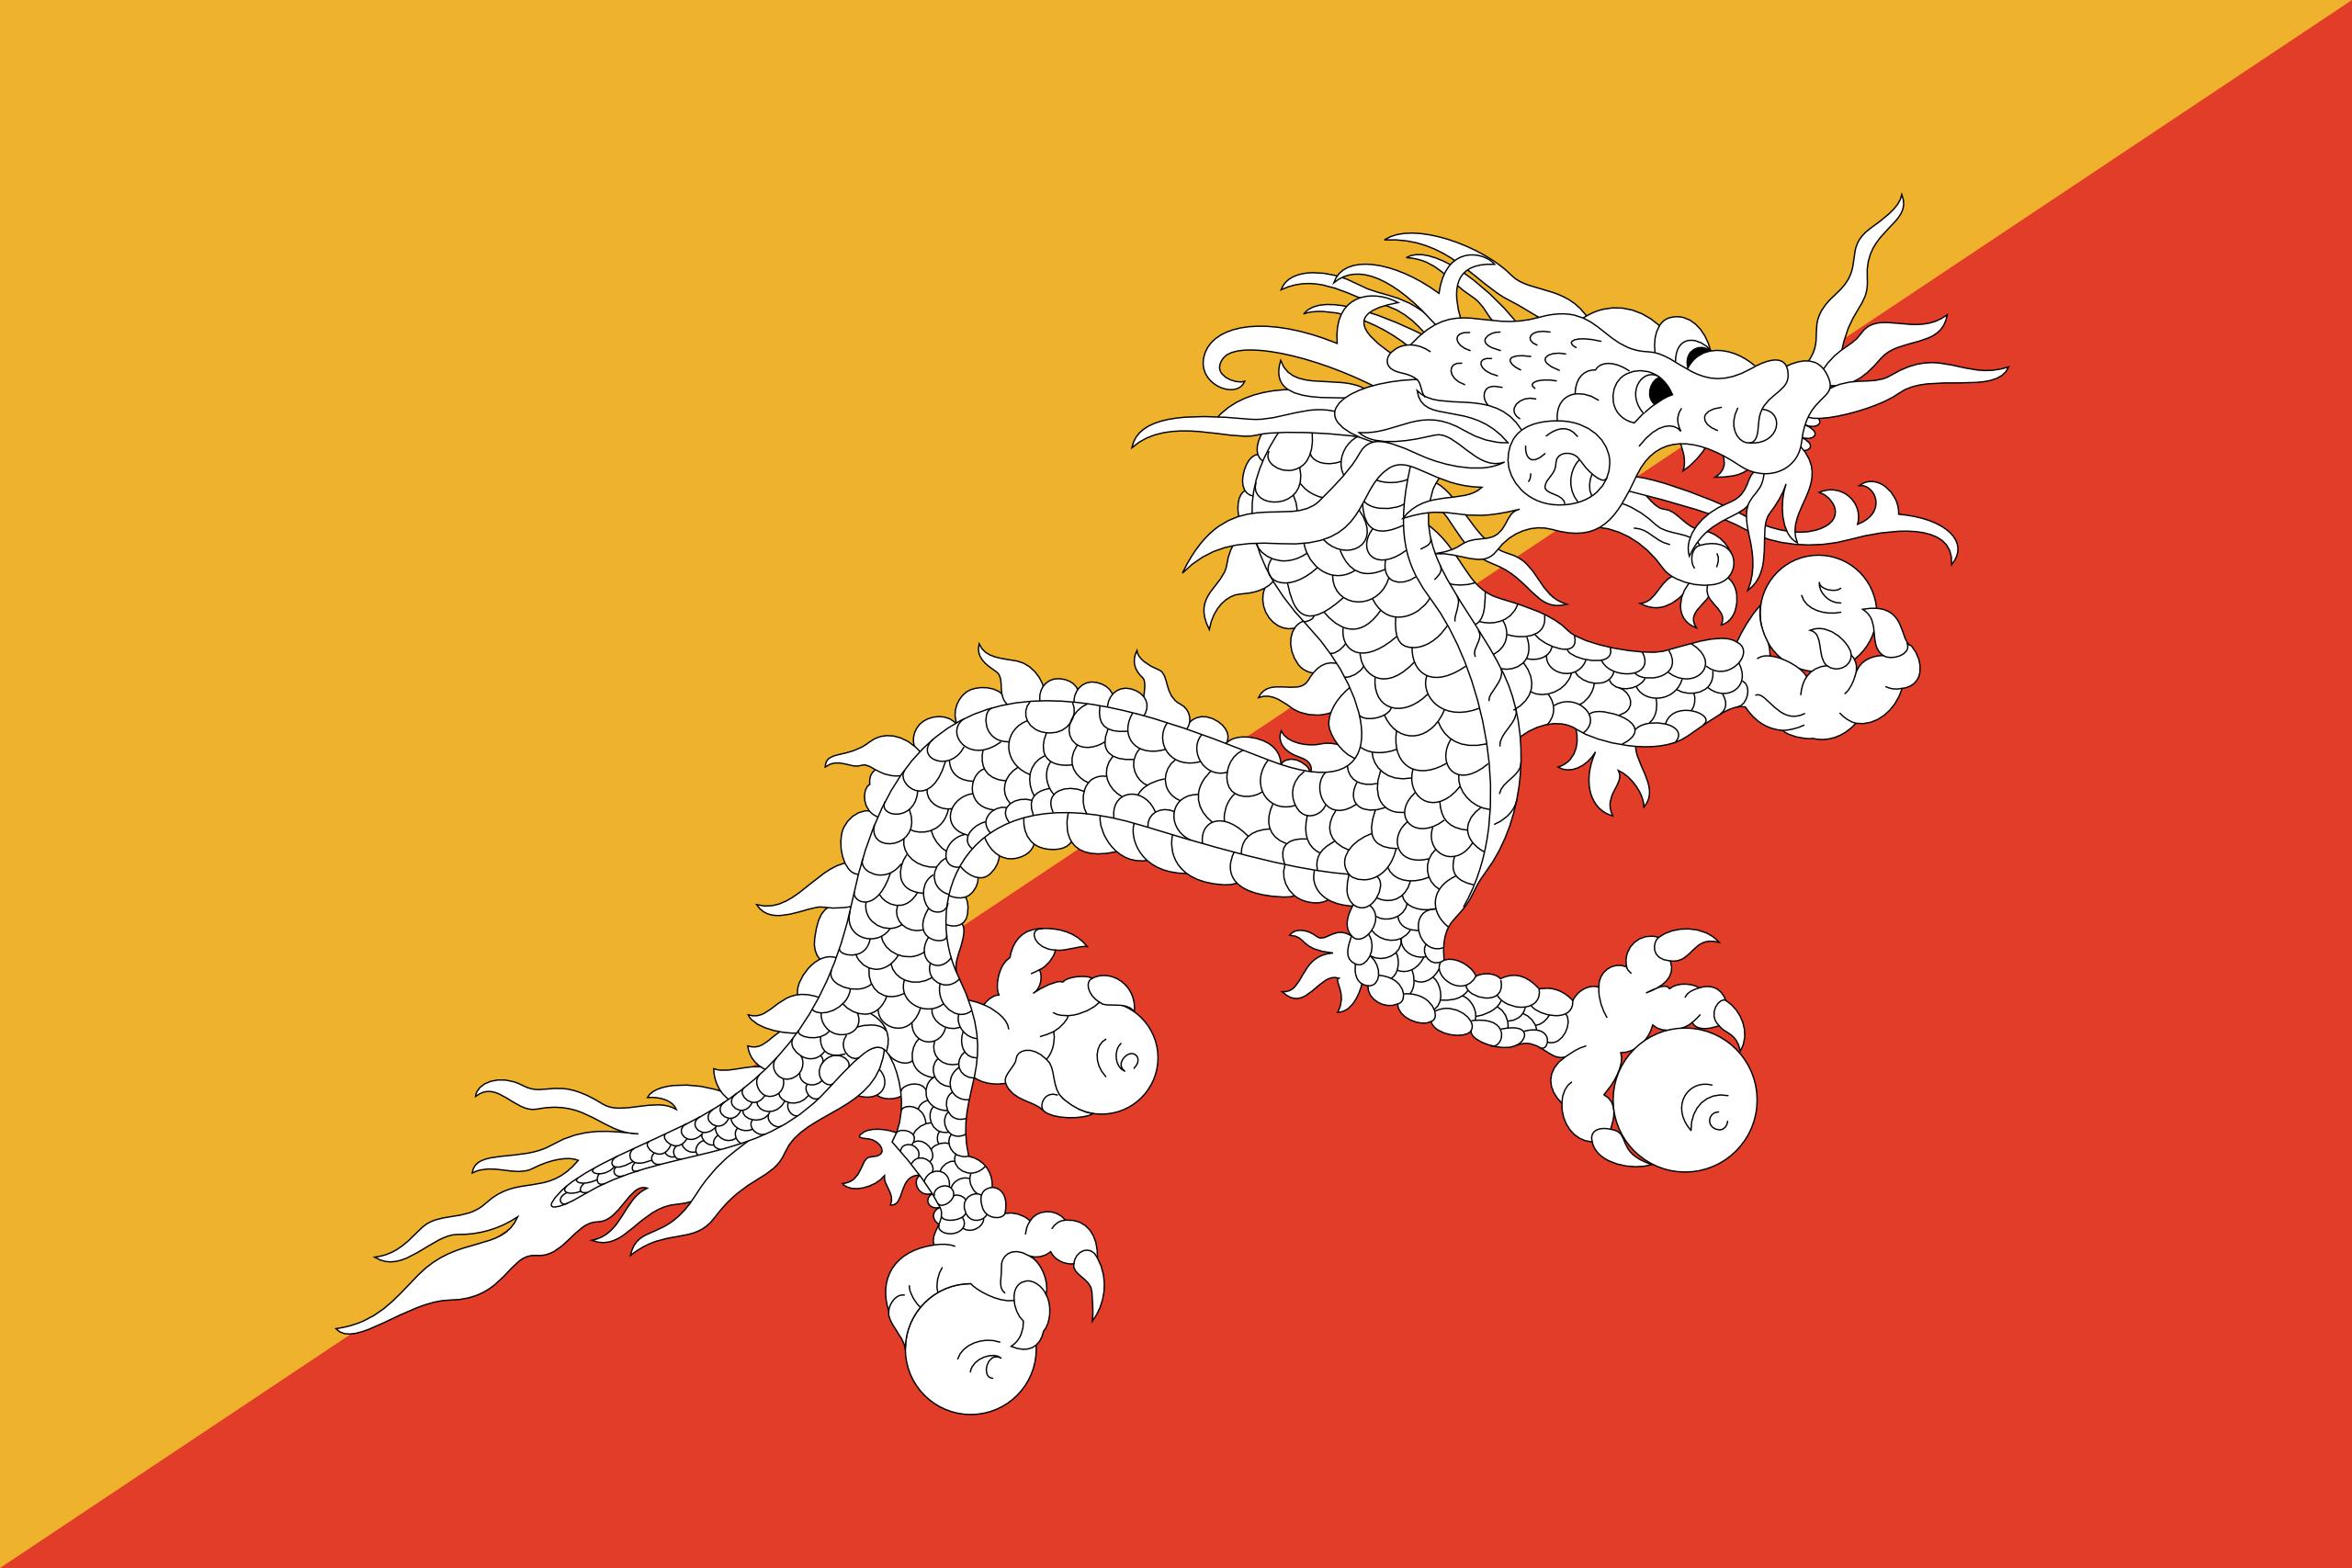 bután, país, emblema, insignia, シンボル - HD の壁紙 - 教授-falken.com